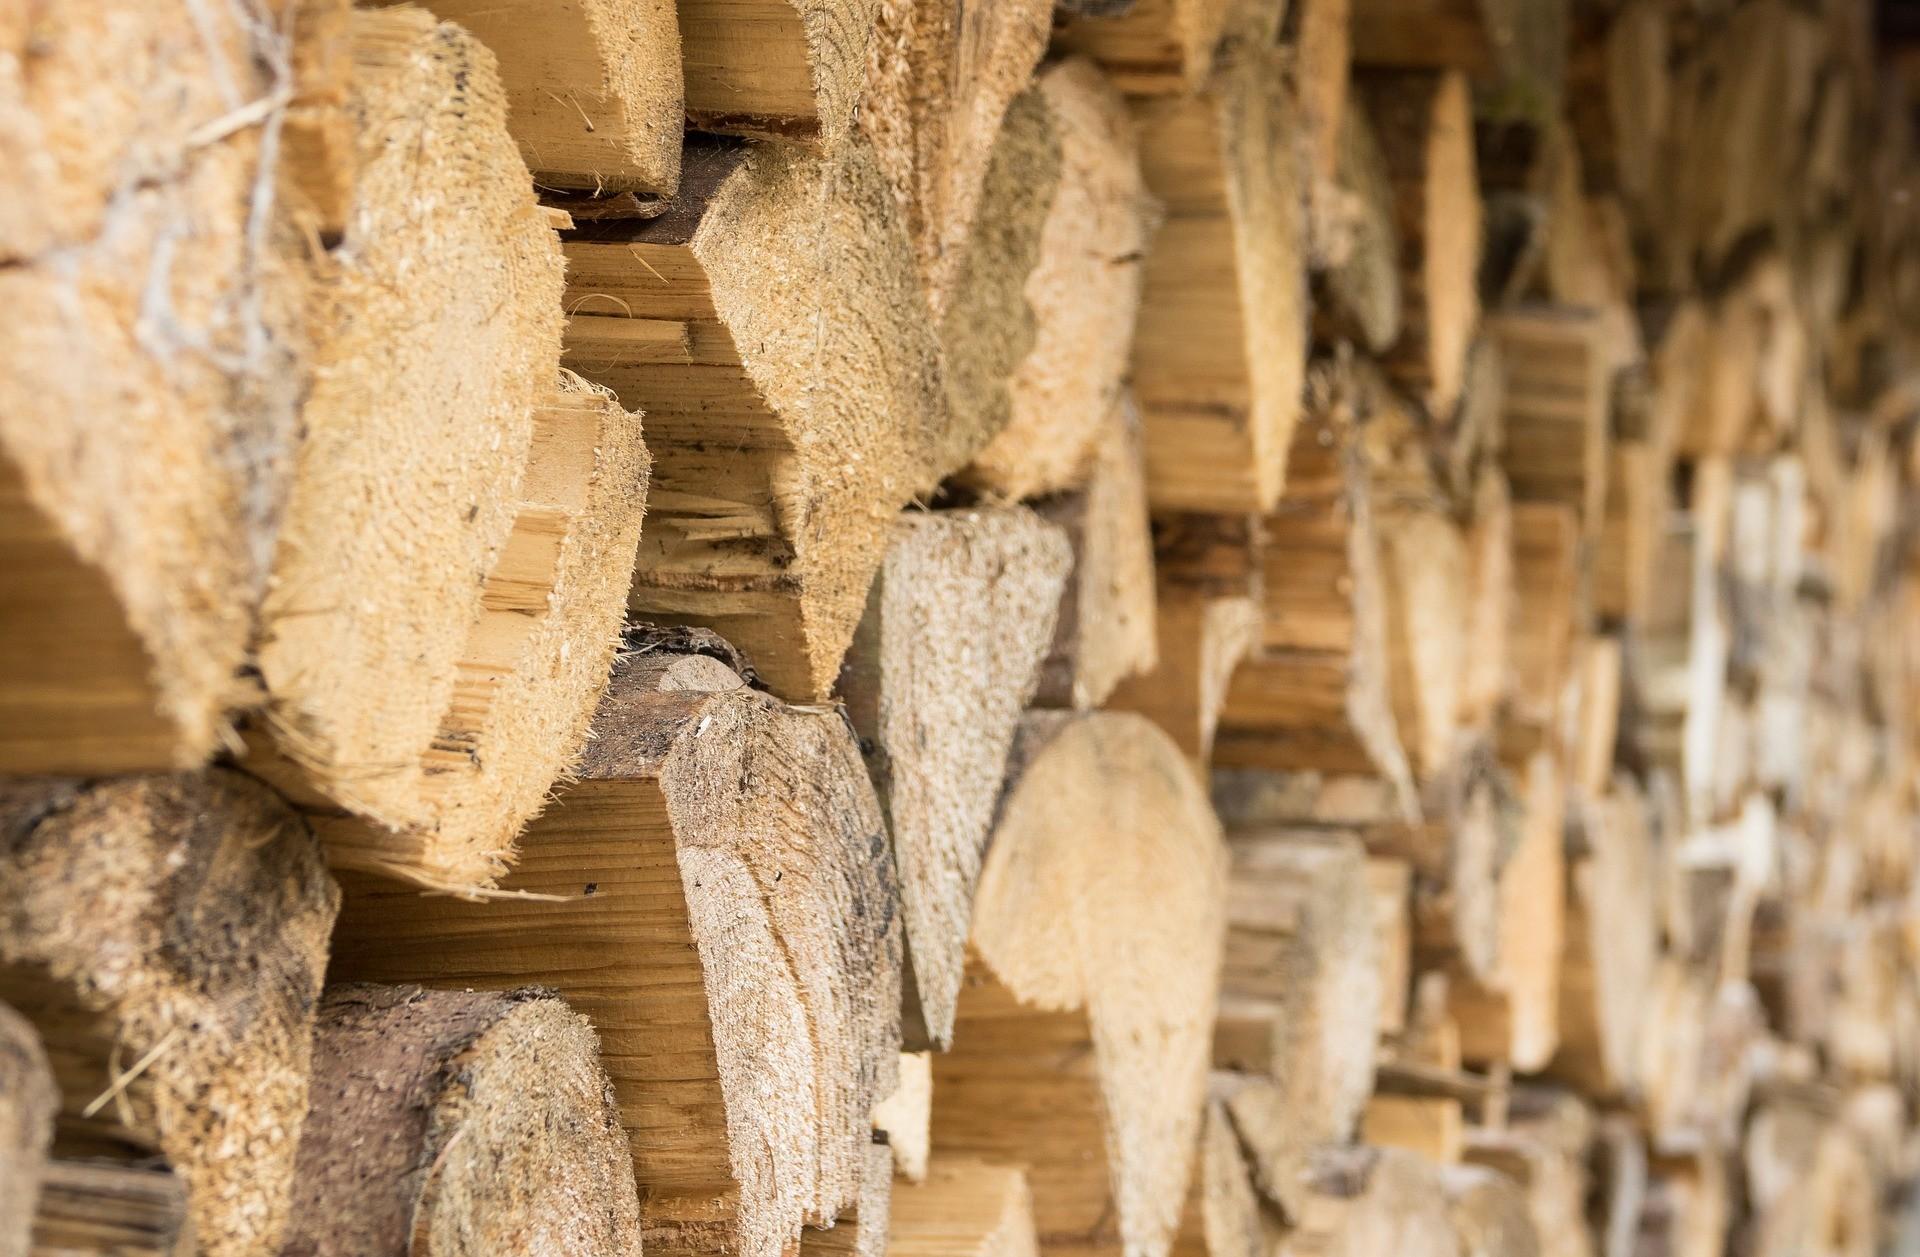 是俥科技:Toyota研發木漿取代鋼材 強度比鋼材高5倍這篇文章的首圖